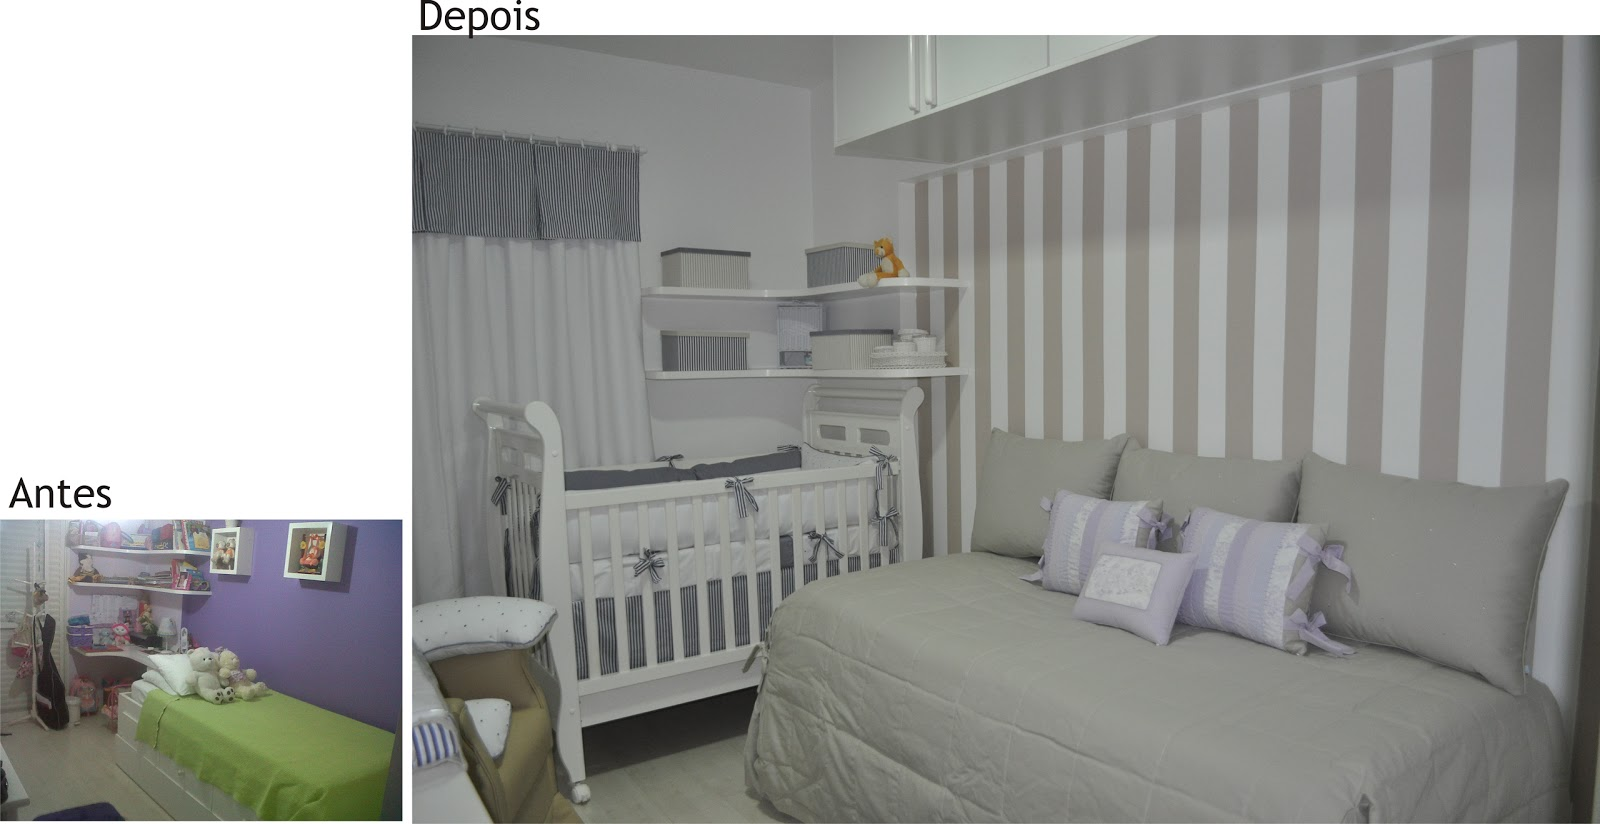 Decora O Do Quarto Do Bebe Junto Com O Dos Pais ~ Decoracoes De Quarto De Bebe E Organizar Quarto Pequeno